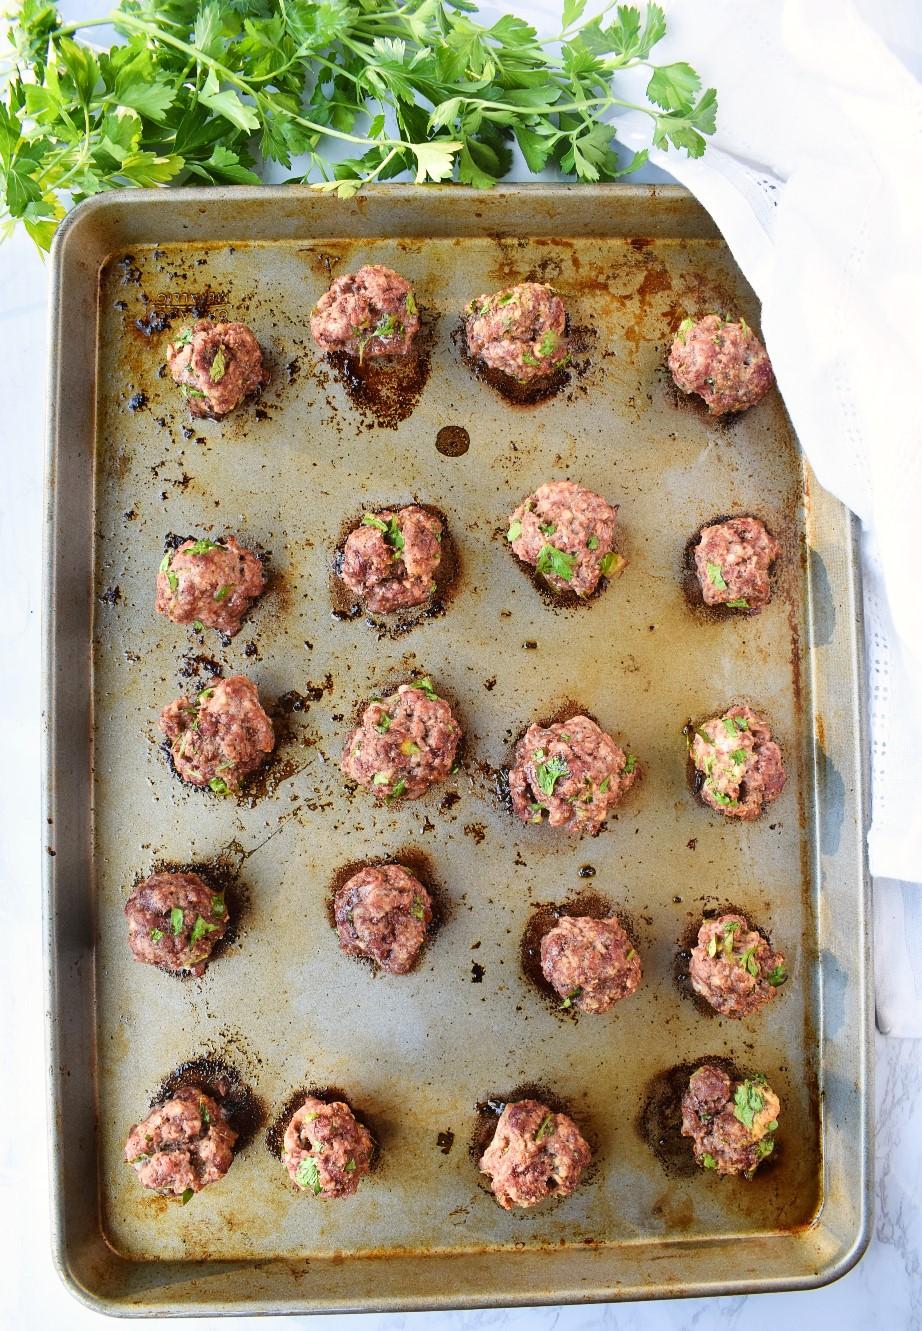 Tray of Greek Meatballs